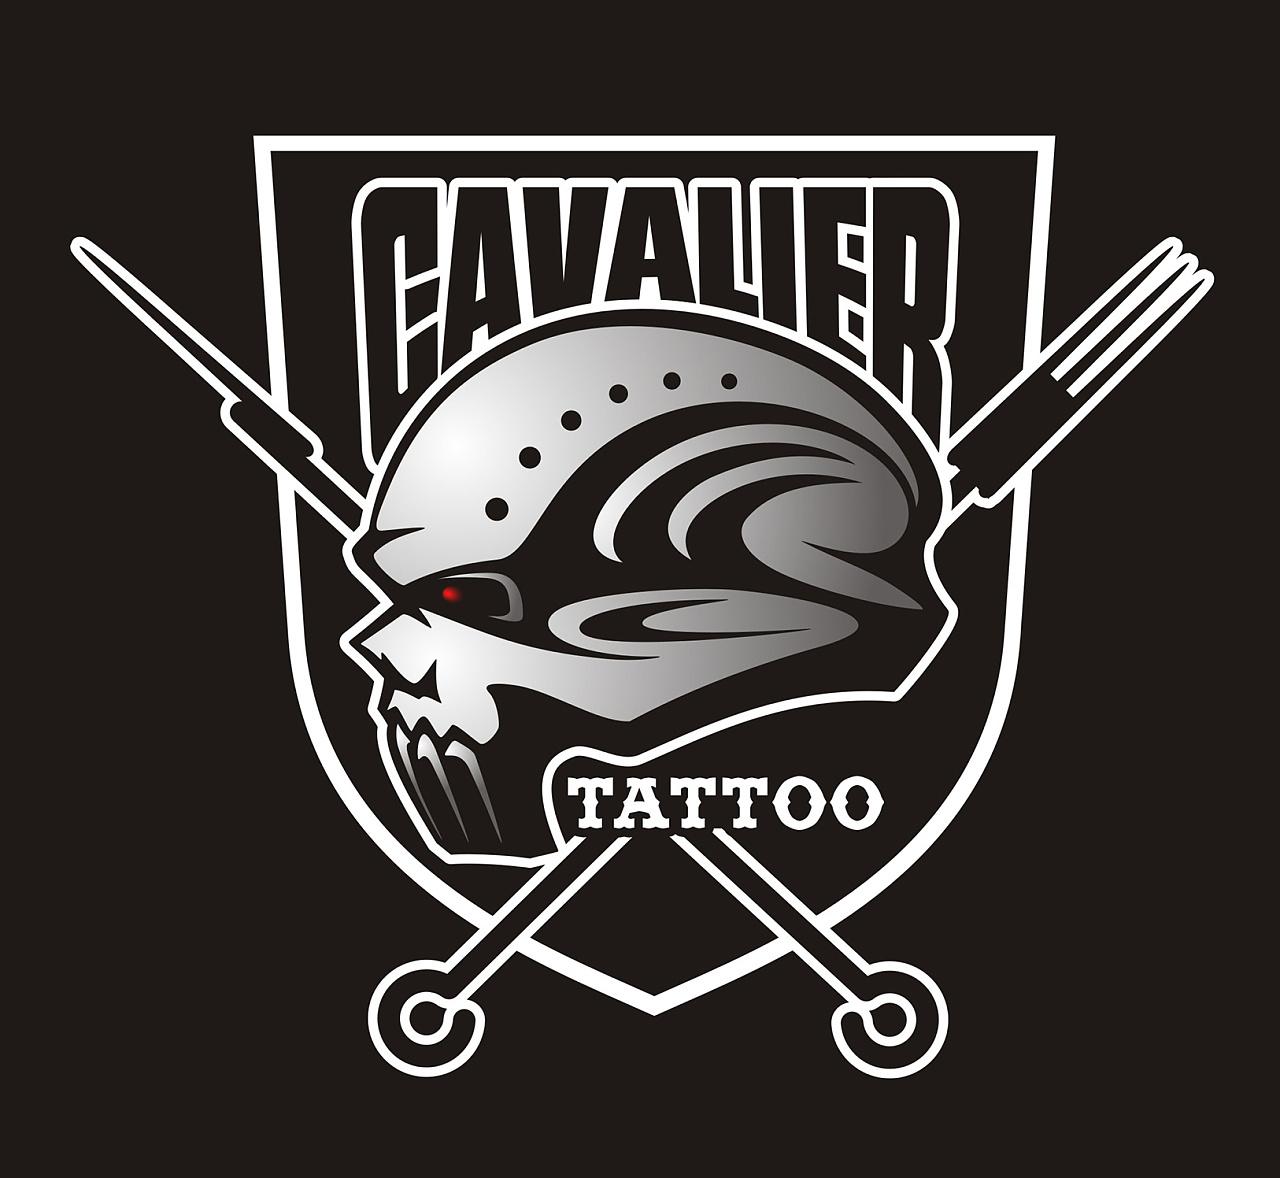 骑士纹身图片